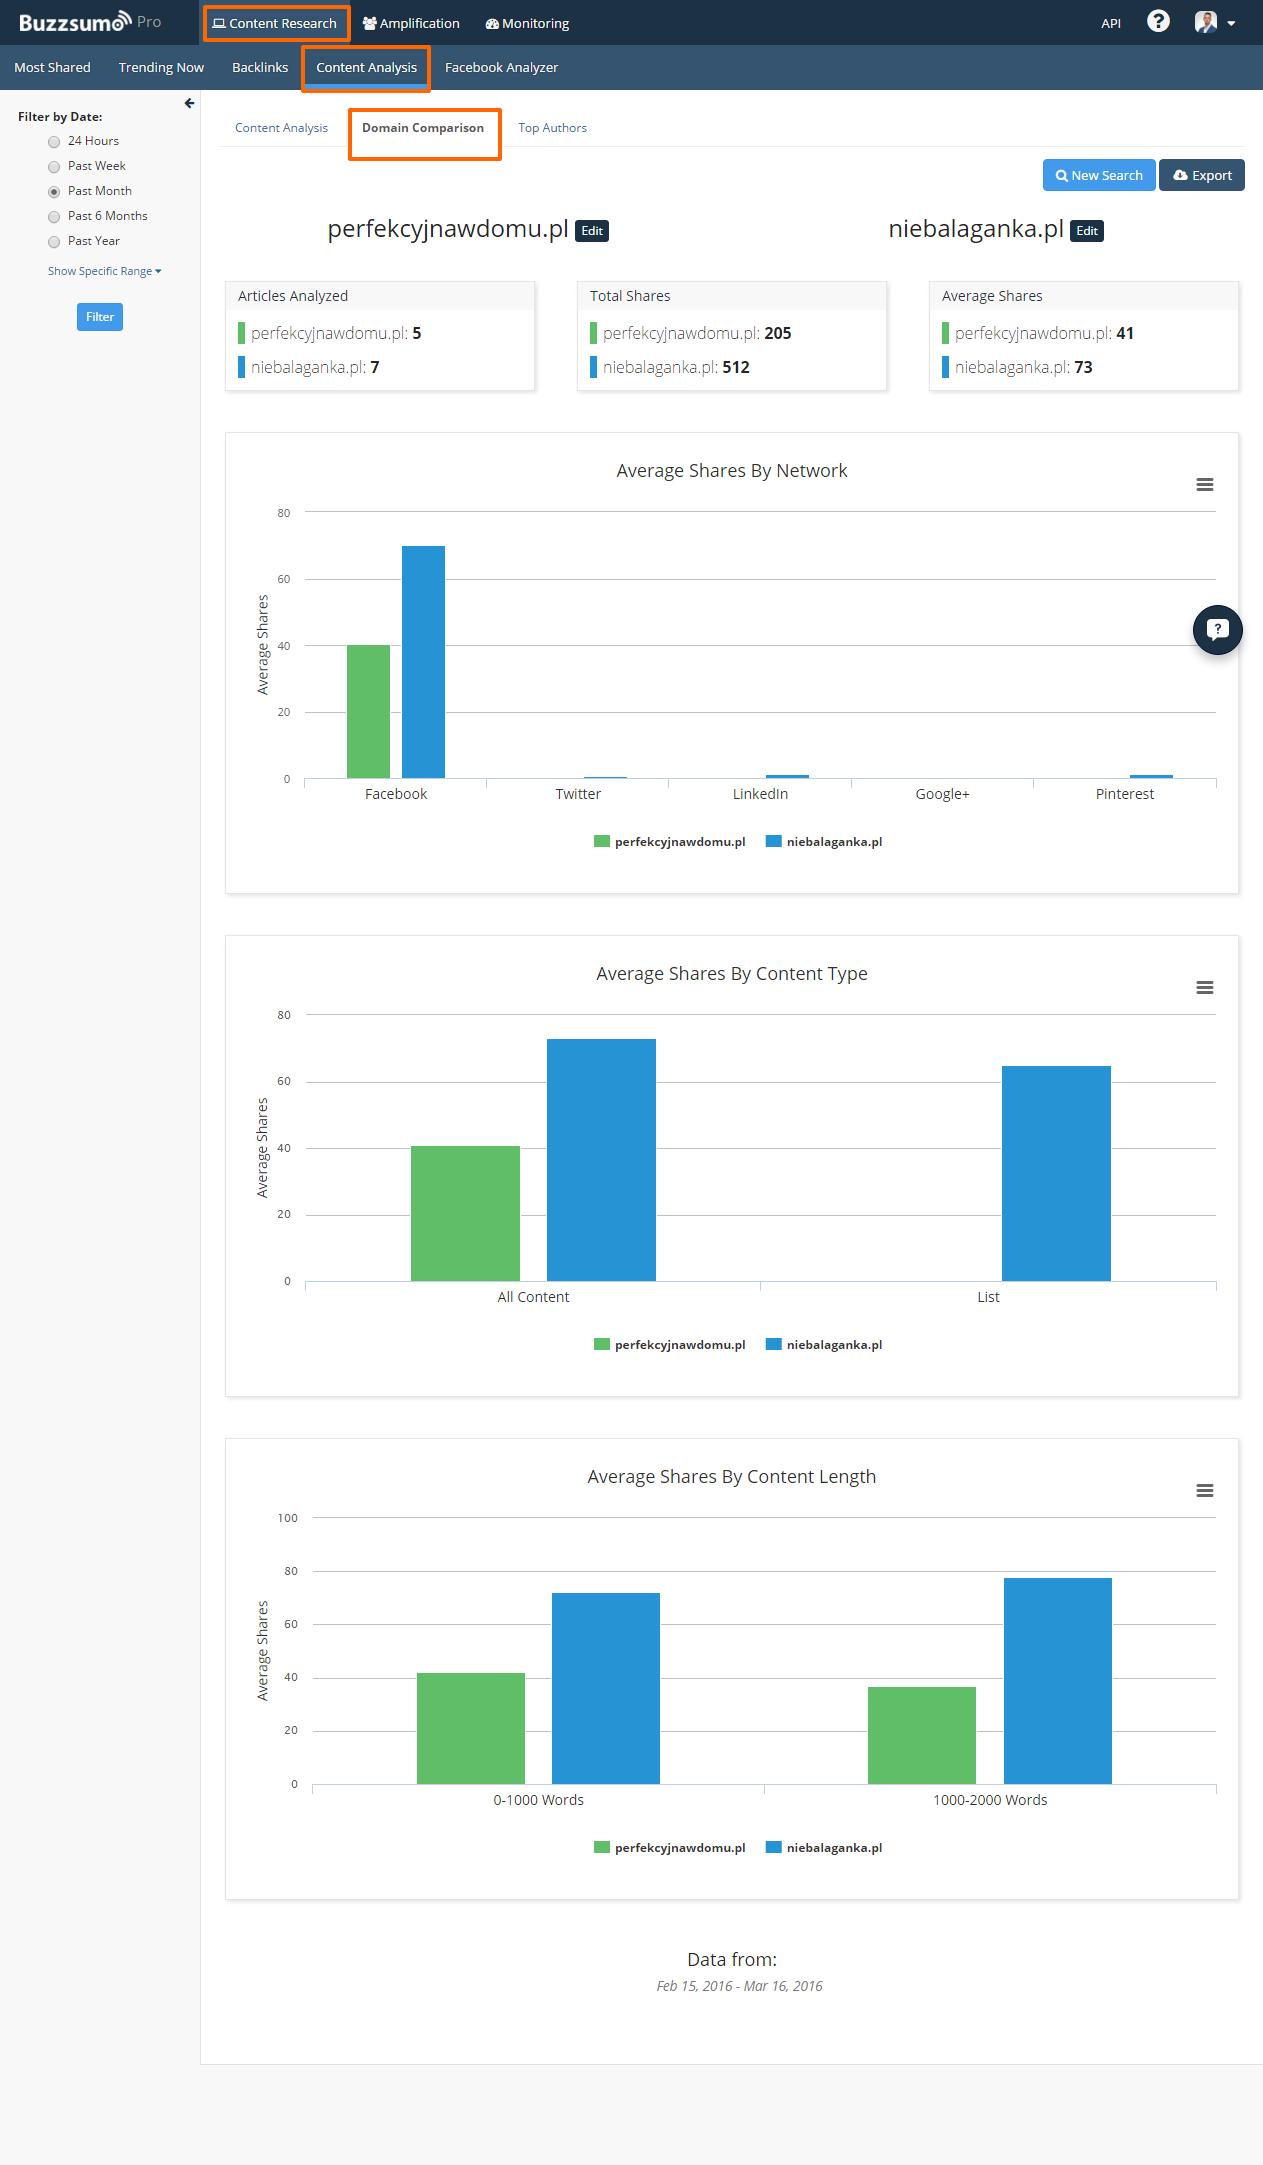 Analiza treści konkurencji według sieci społecznościowej, typu treści, długości tekstu